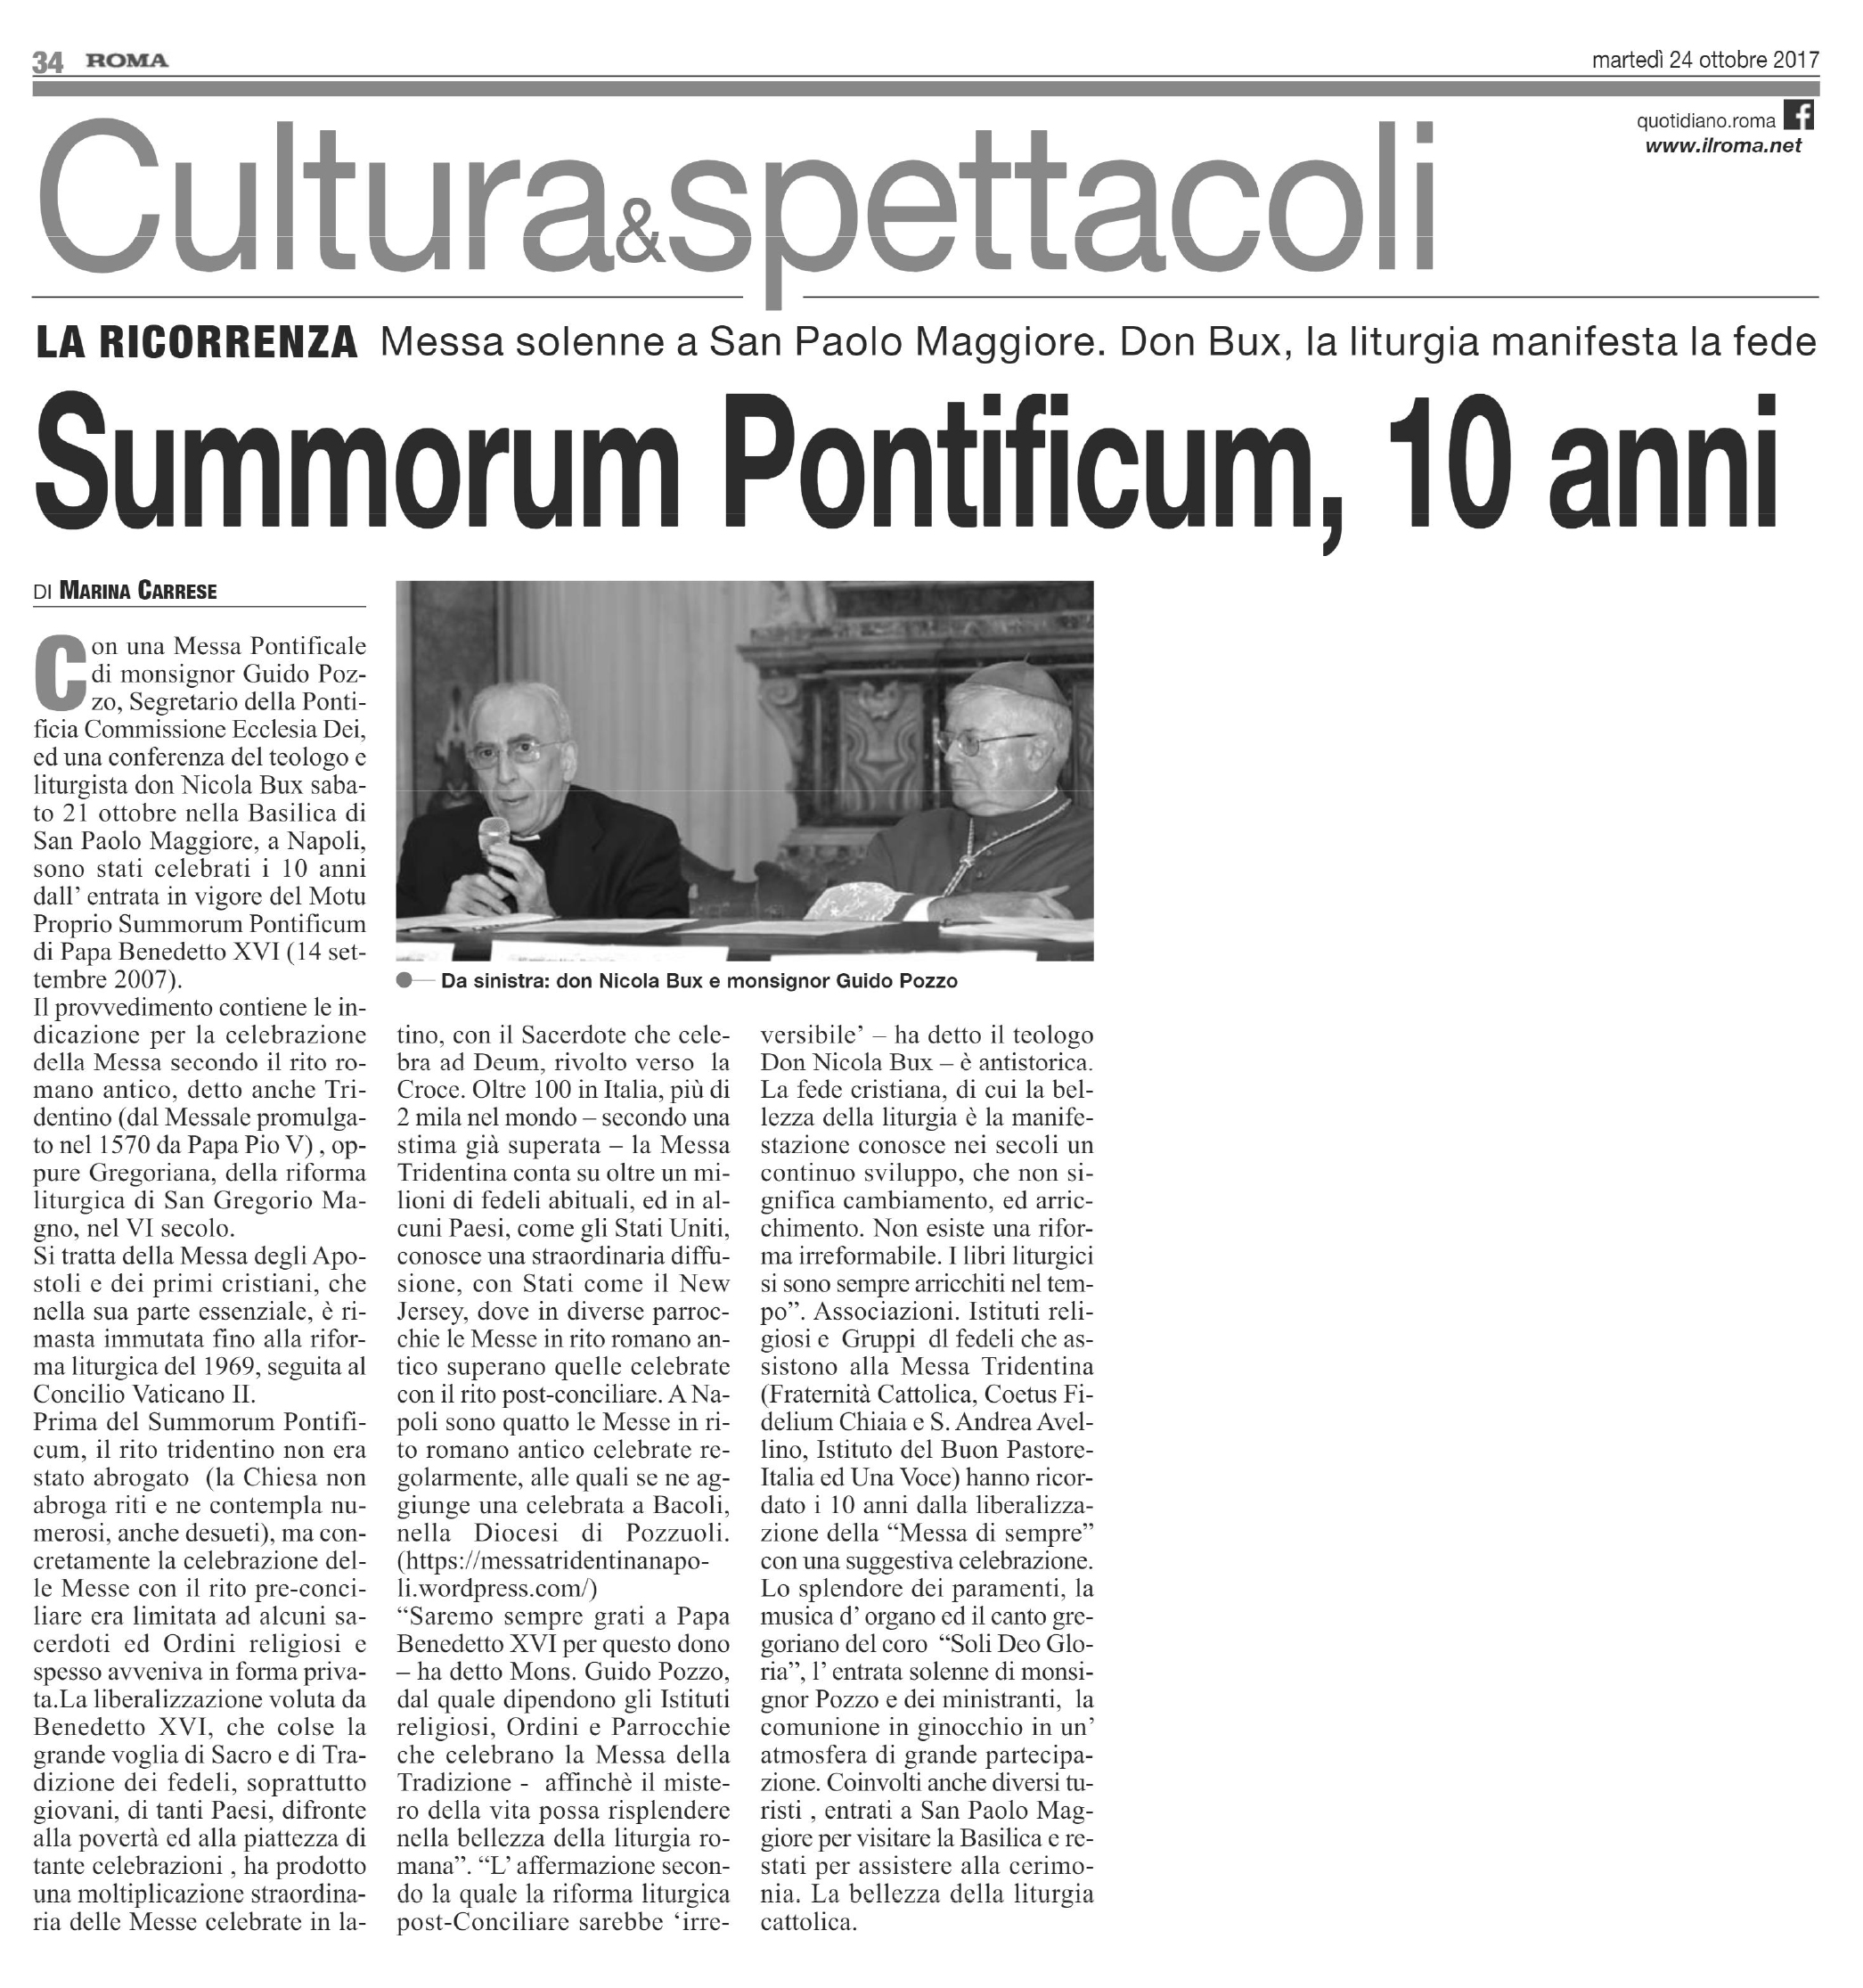 Rito Matrimonio Romano Antico : Pontificale in rito romano antico a napoli resoconto del